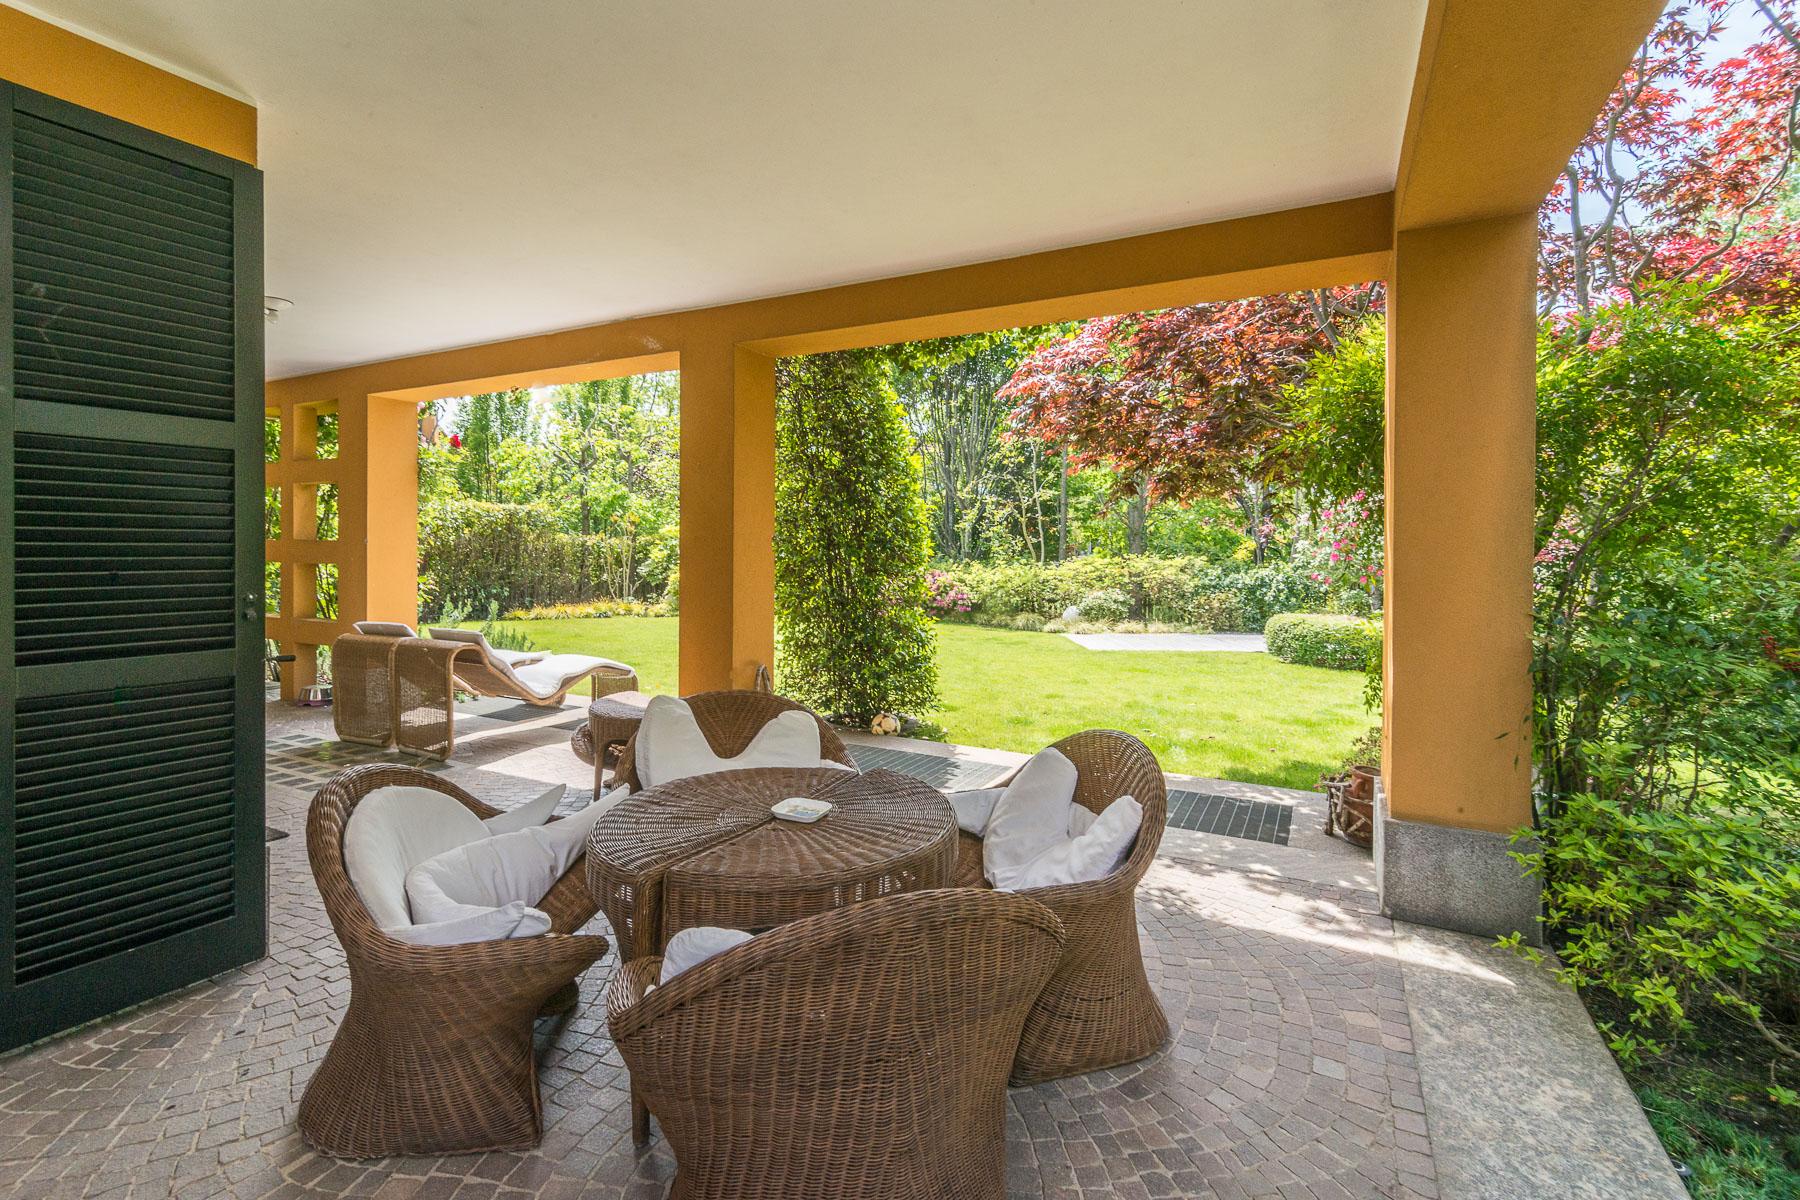 Villa in Vendita a Agrate Conturbia: 5 locali, 300 mq - Foto 10